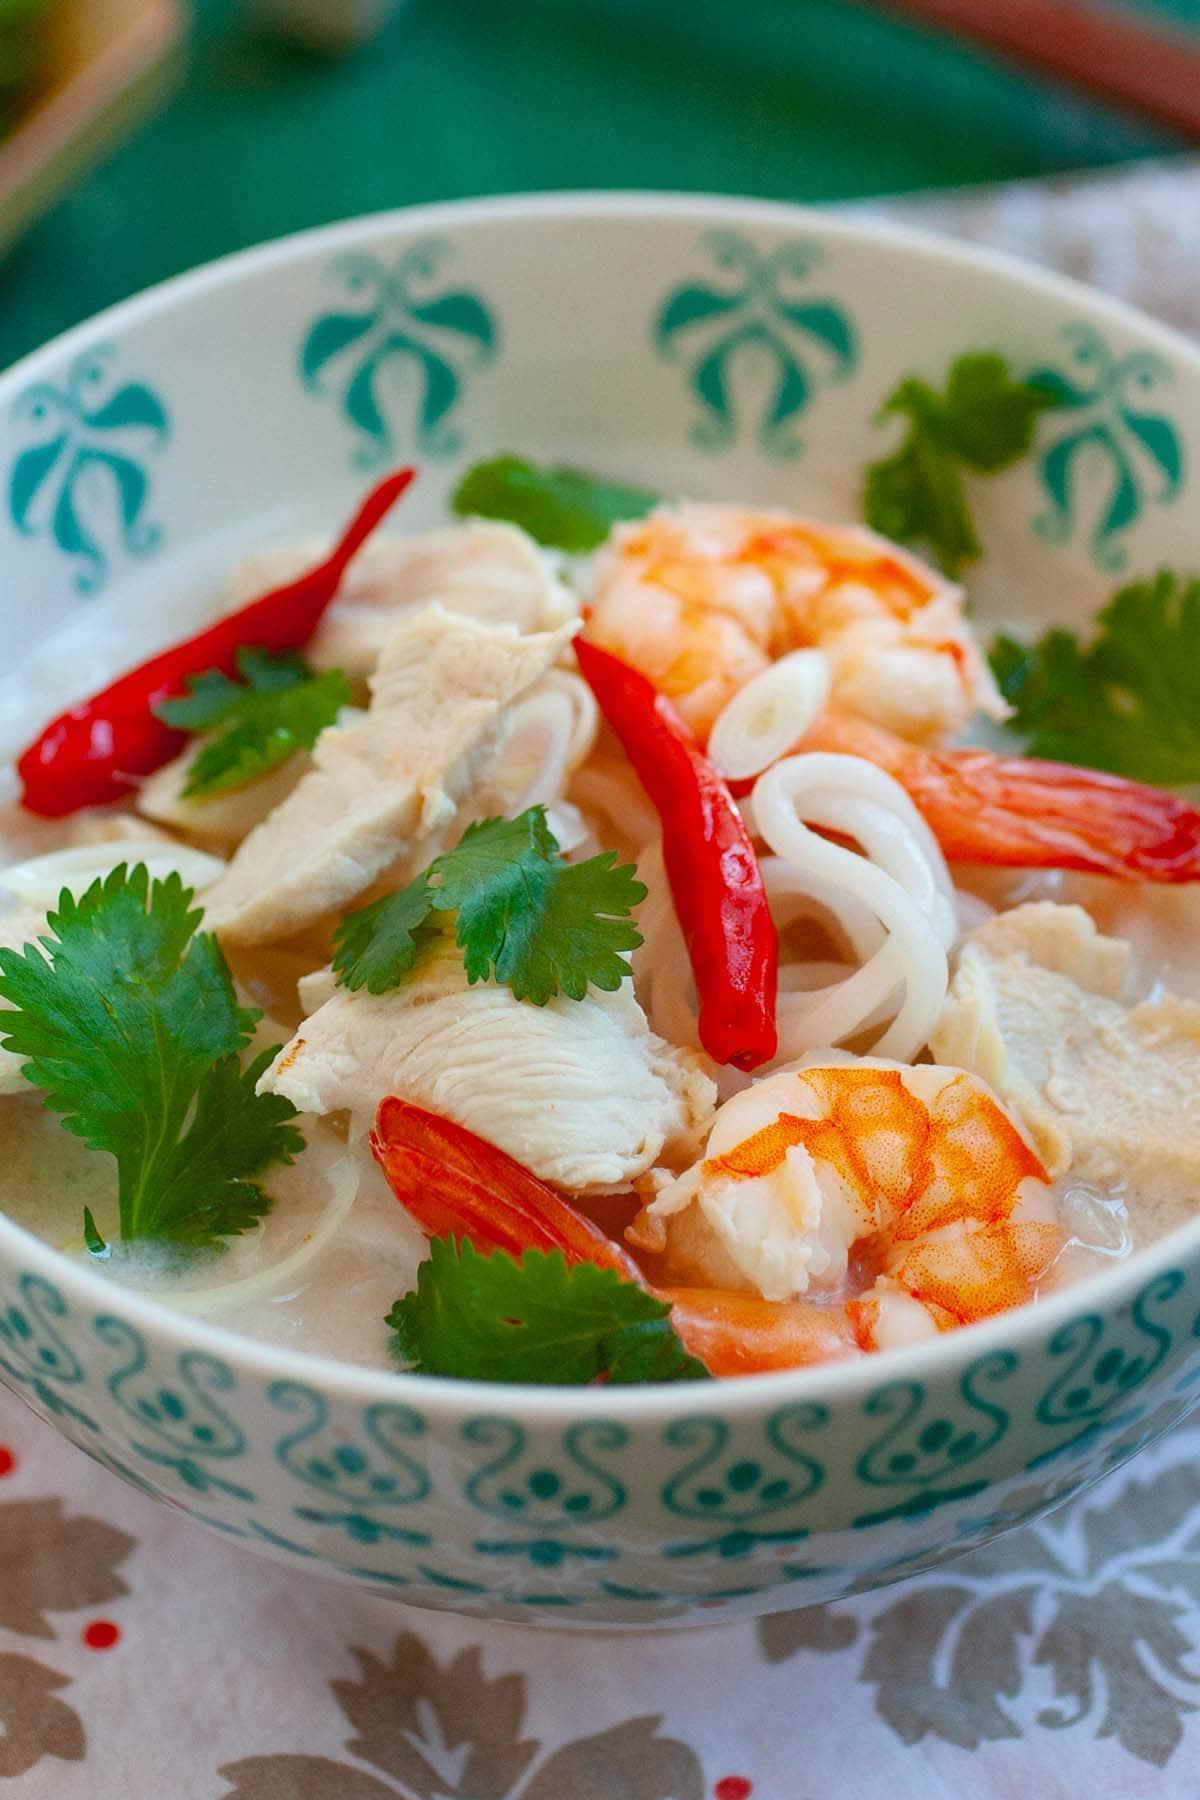 Soupe de nouilles à la noix de coco et au citron vert.  Ce plat de nouilles d'inspiration thaïlandaise est infusé de noix de coco, de citron vert et de citronnelle.  Un plat de nouilles copieux et savoureux.